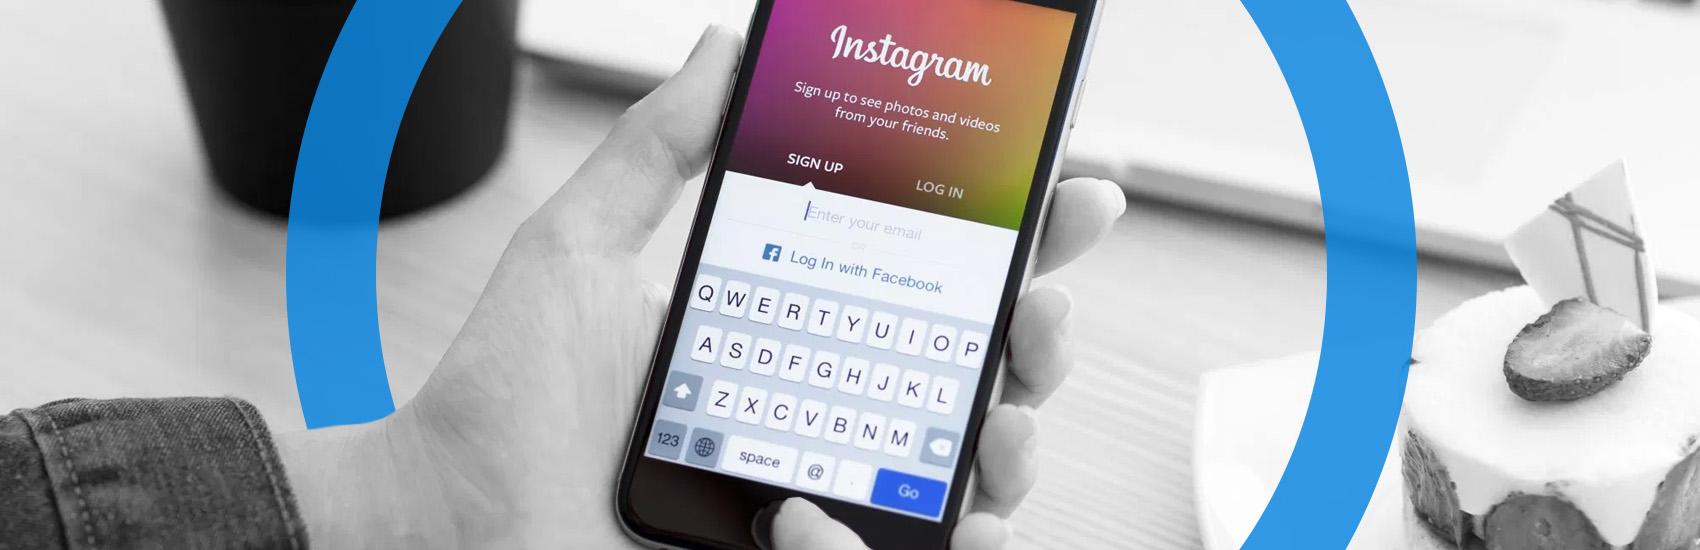 Накрутка подписчиков в Инстаграм. Как делать НЕЛЬЗЯ